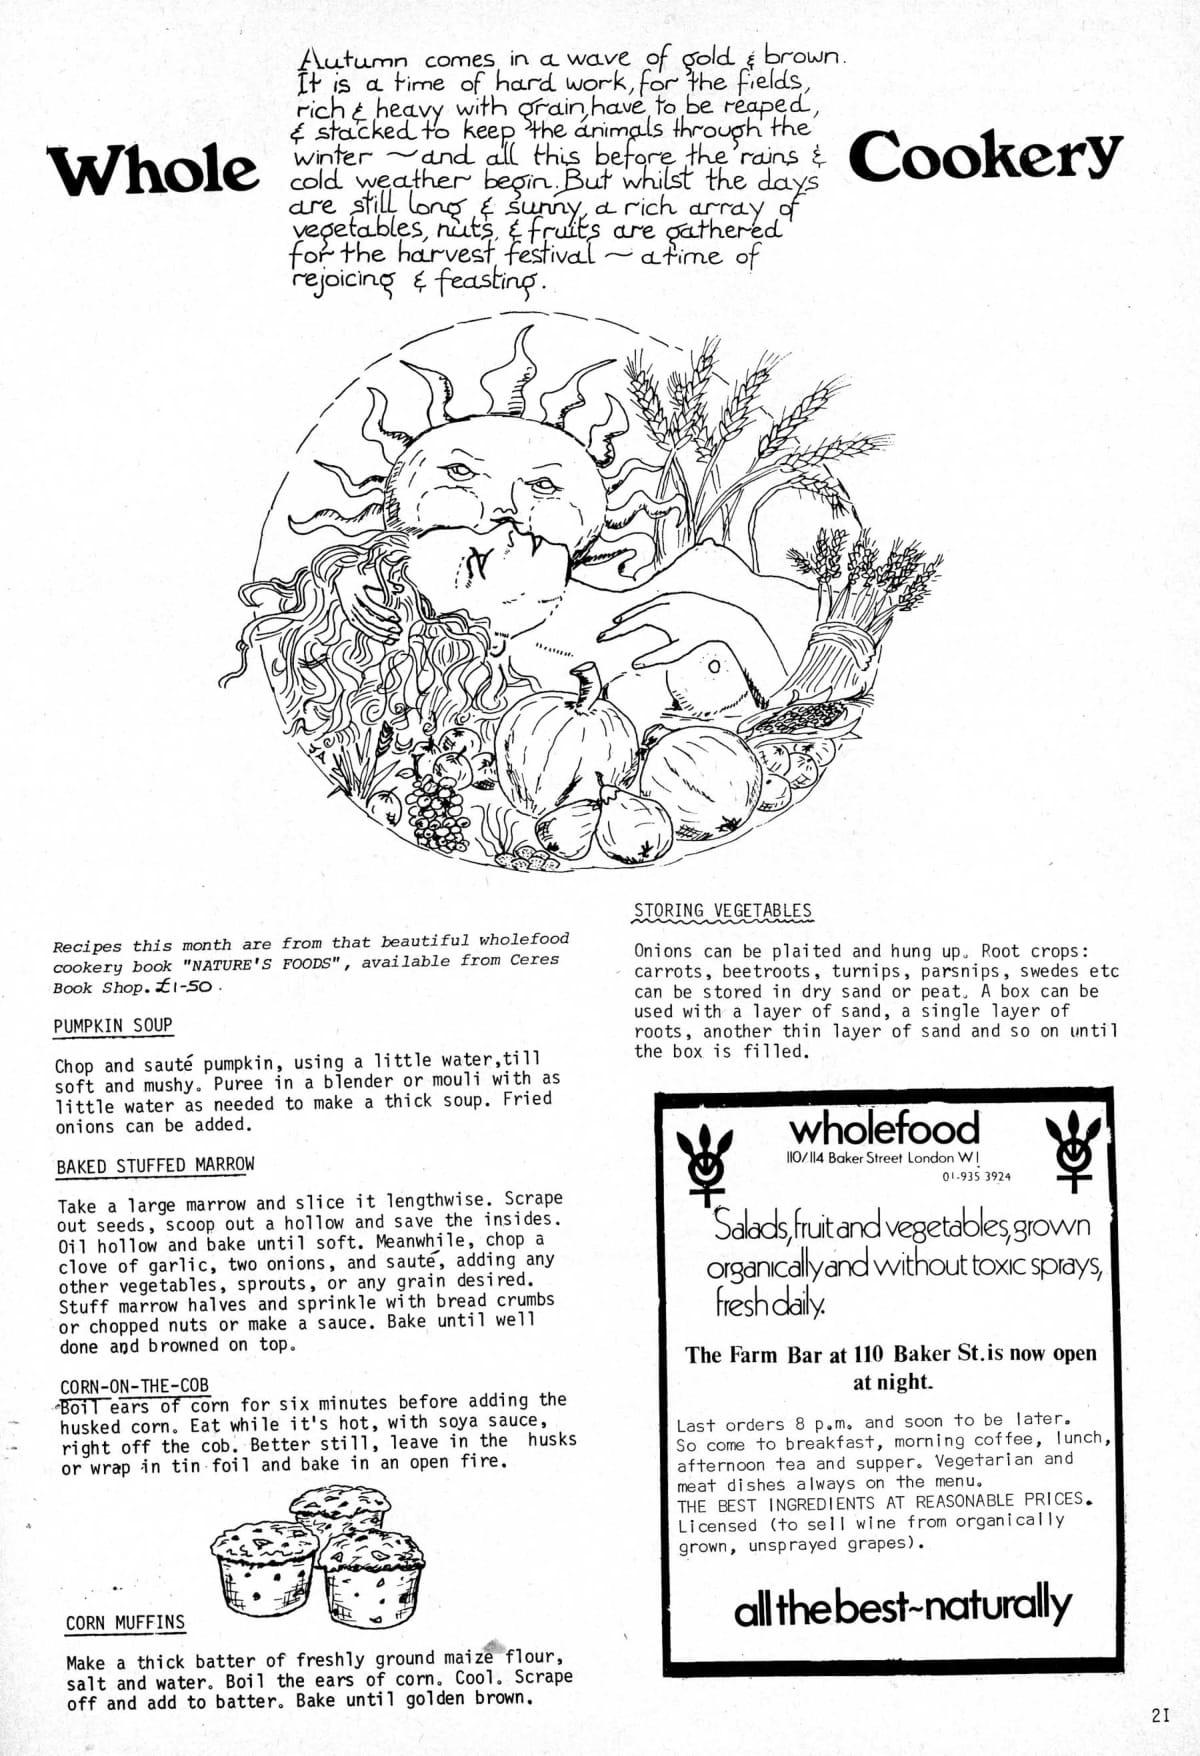 seed-v3-n9-sept1974-21.jpg